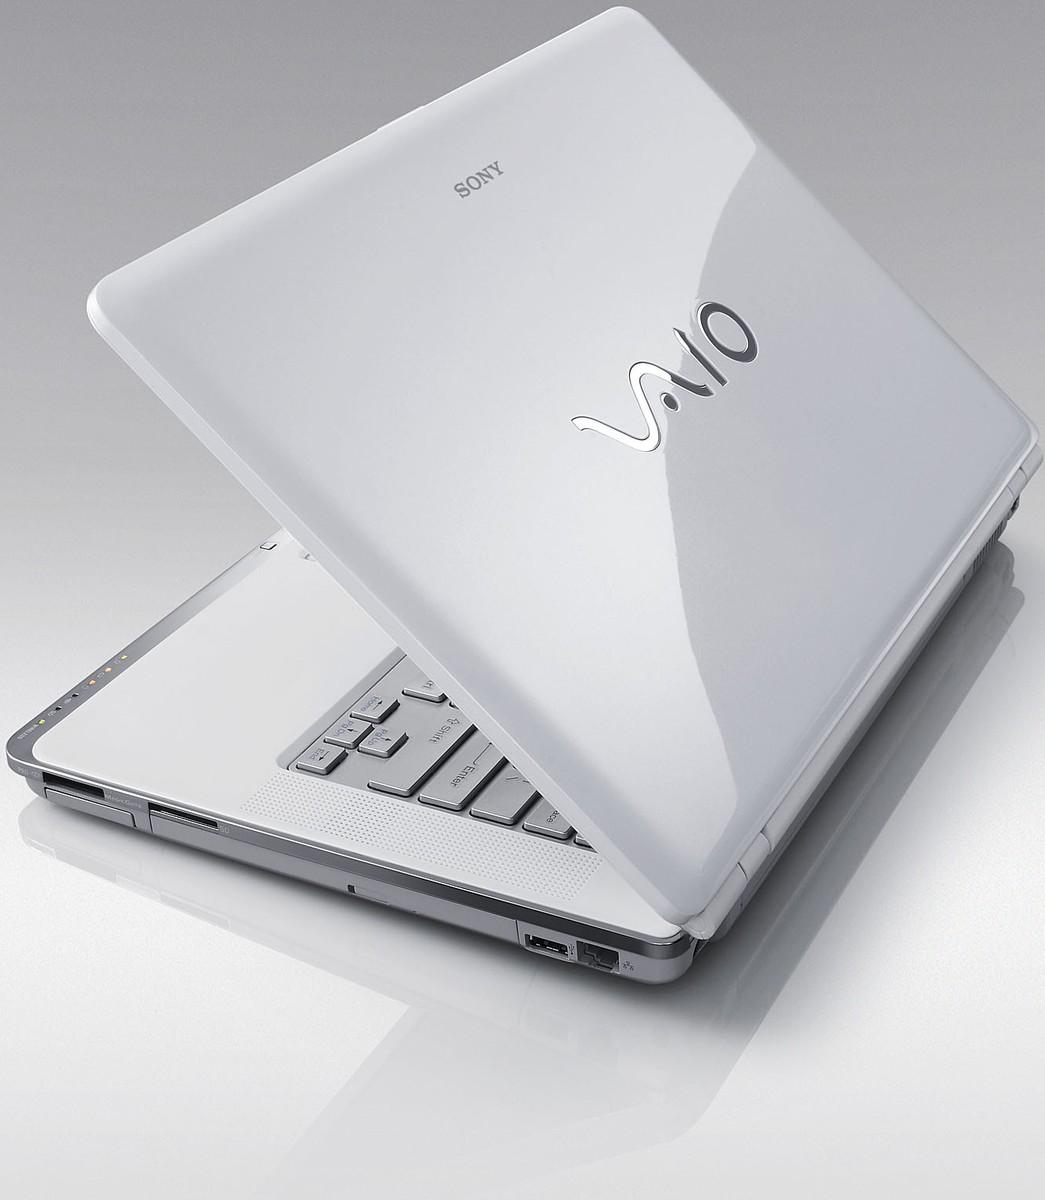 http://2.bp.blogspot.com/_io8AdukxTbQ/TC0D0jMYWtI/AAAAAAAAB4M/vkvjTg2qtlg/s1600/sony-vaio-cr-us-blanc.jpg